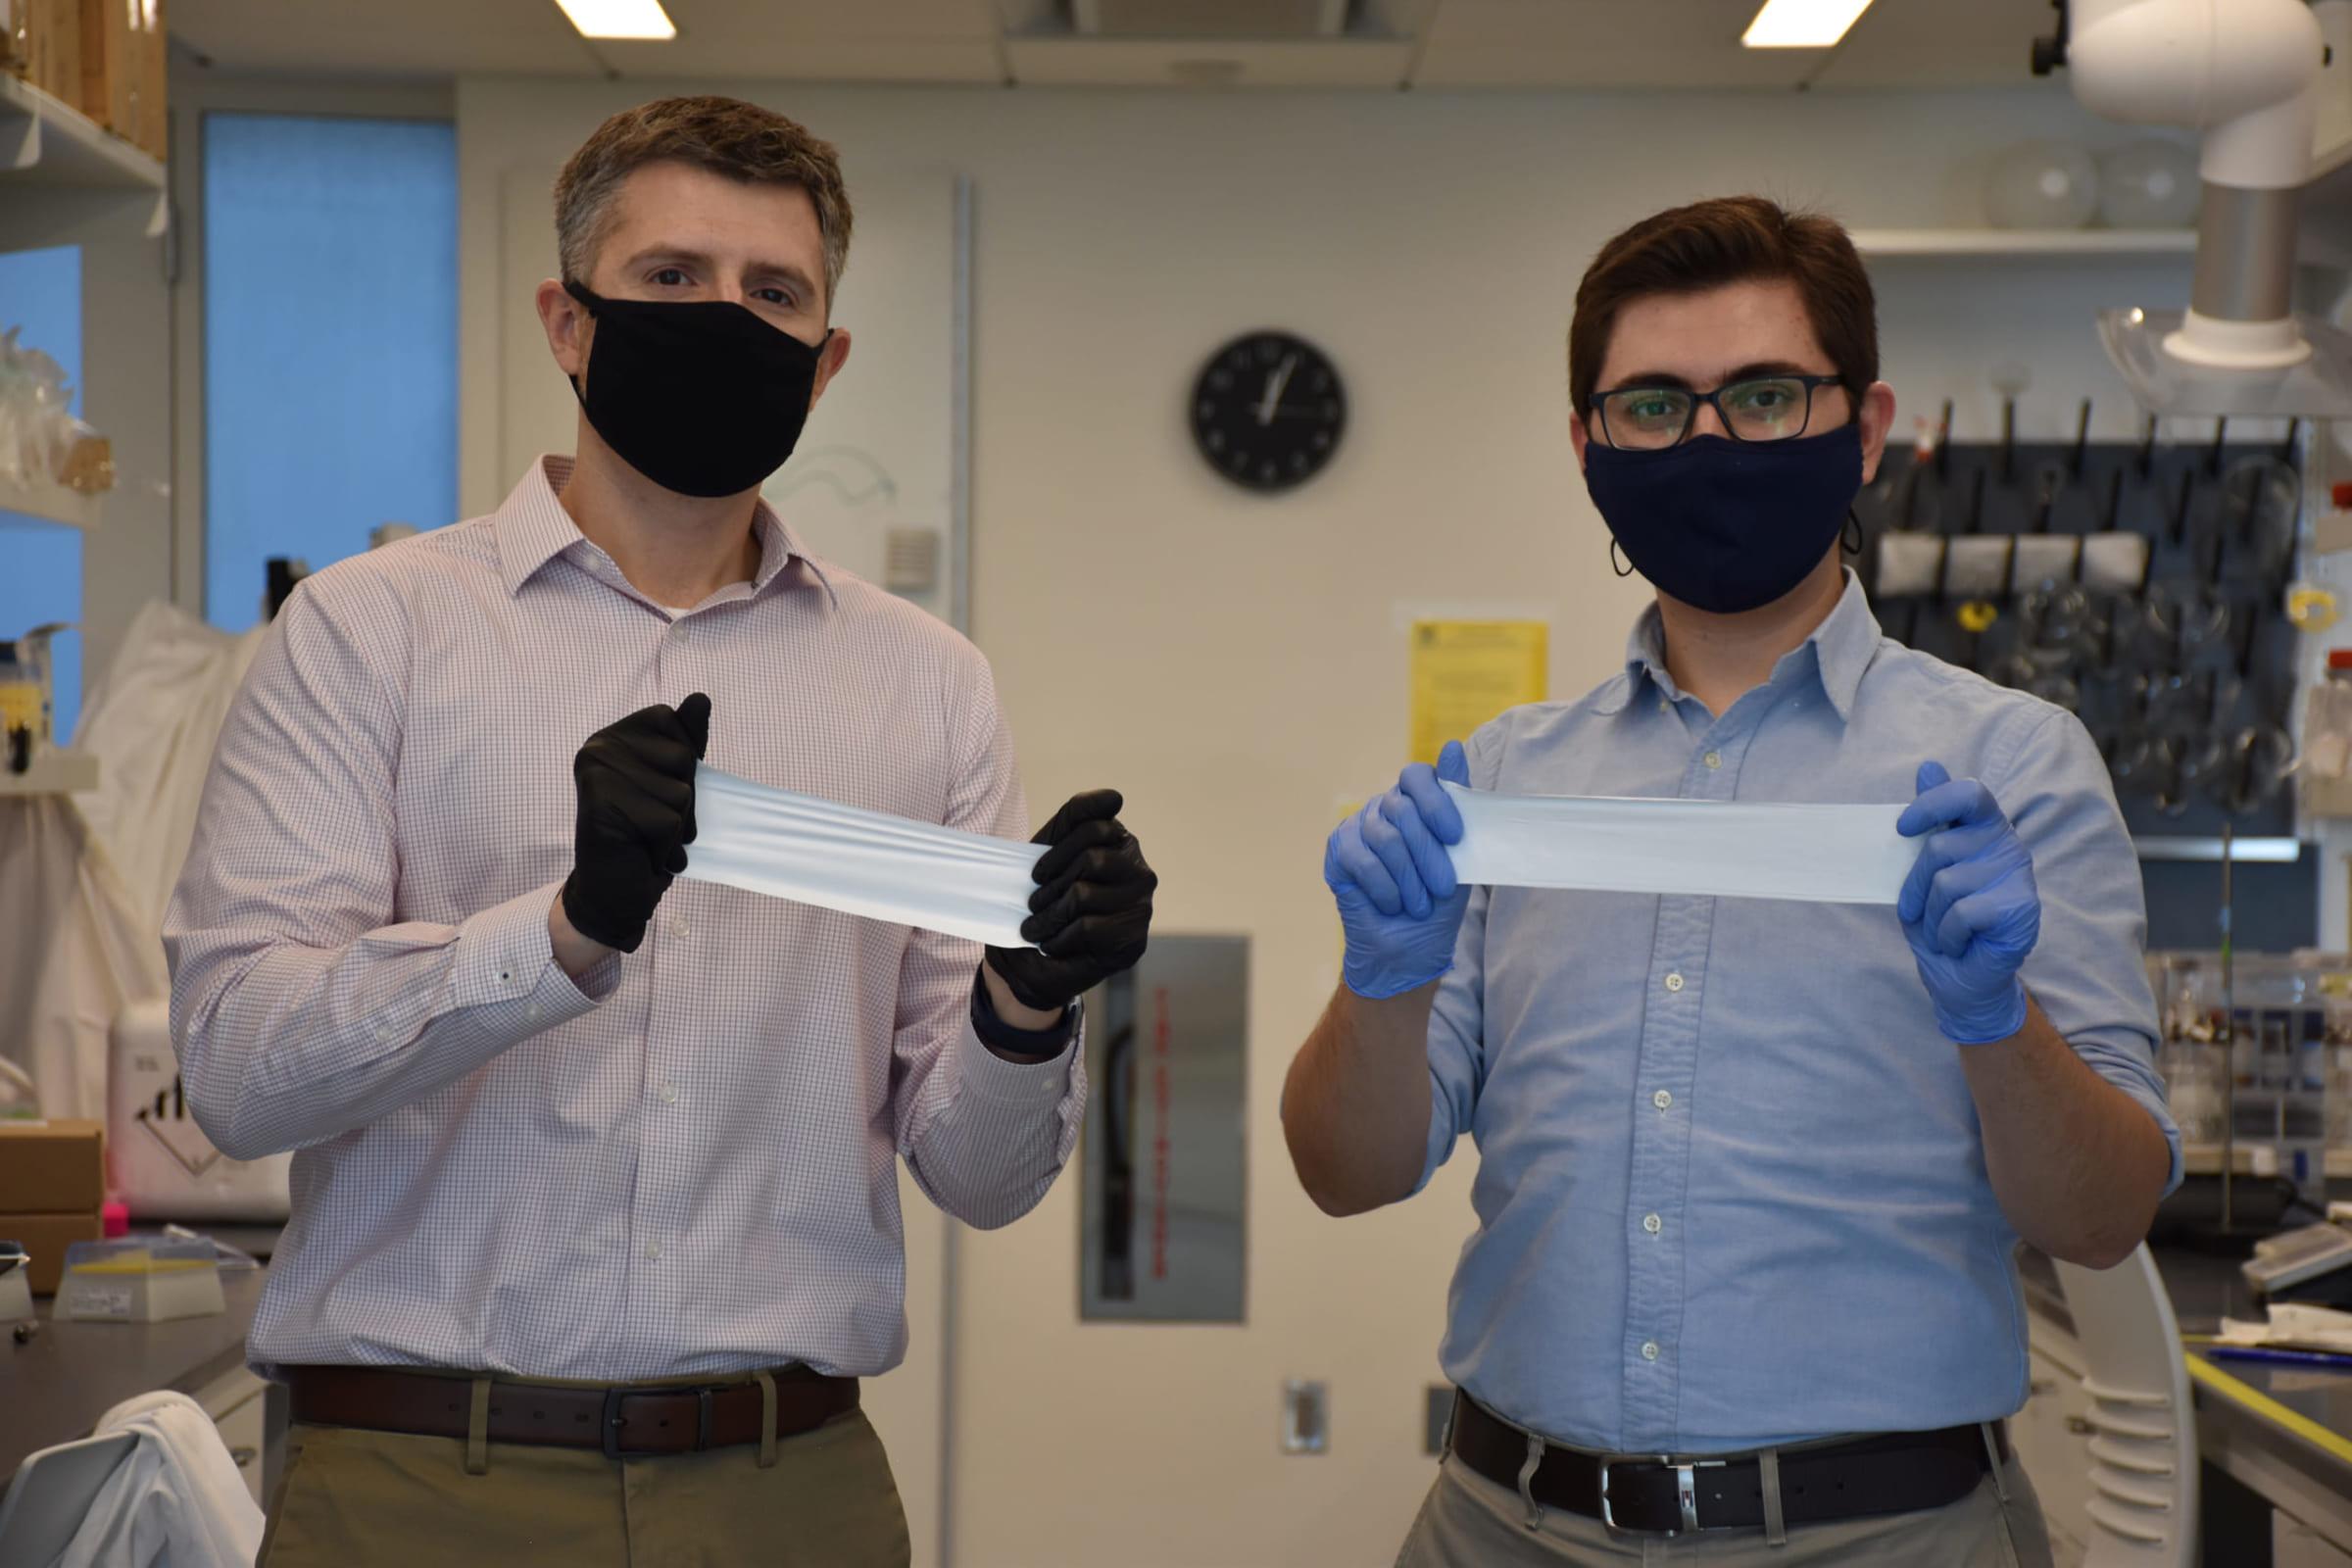 研究者が披露するスマート包帯。包帯にはカーボンナノチューブセンサーが埋め込まれている。